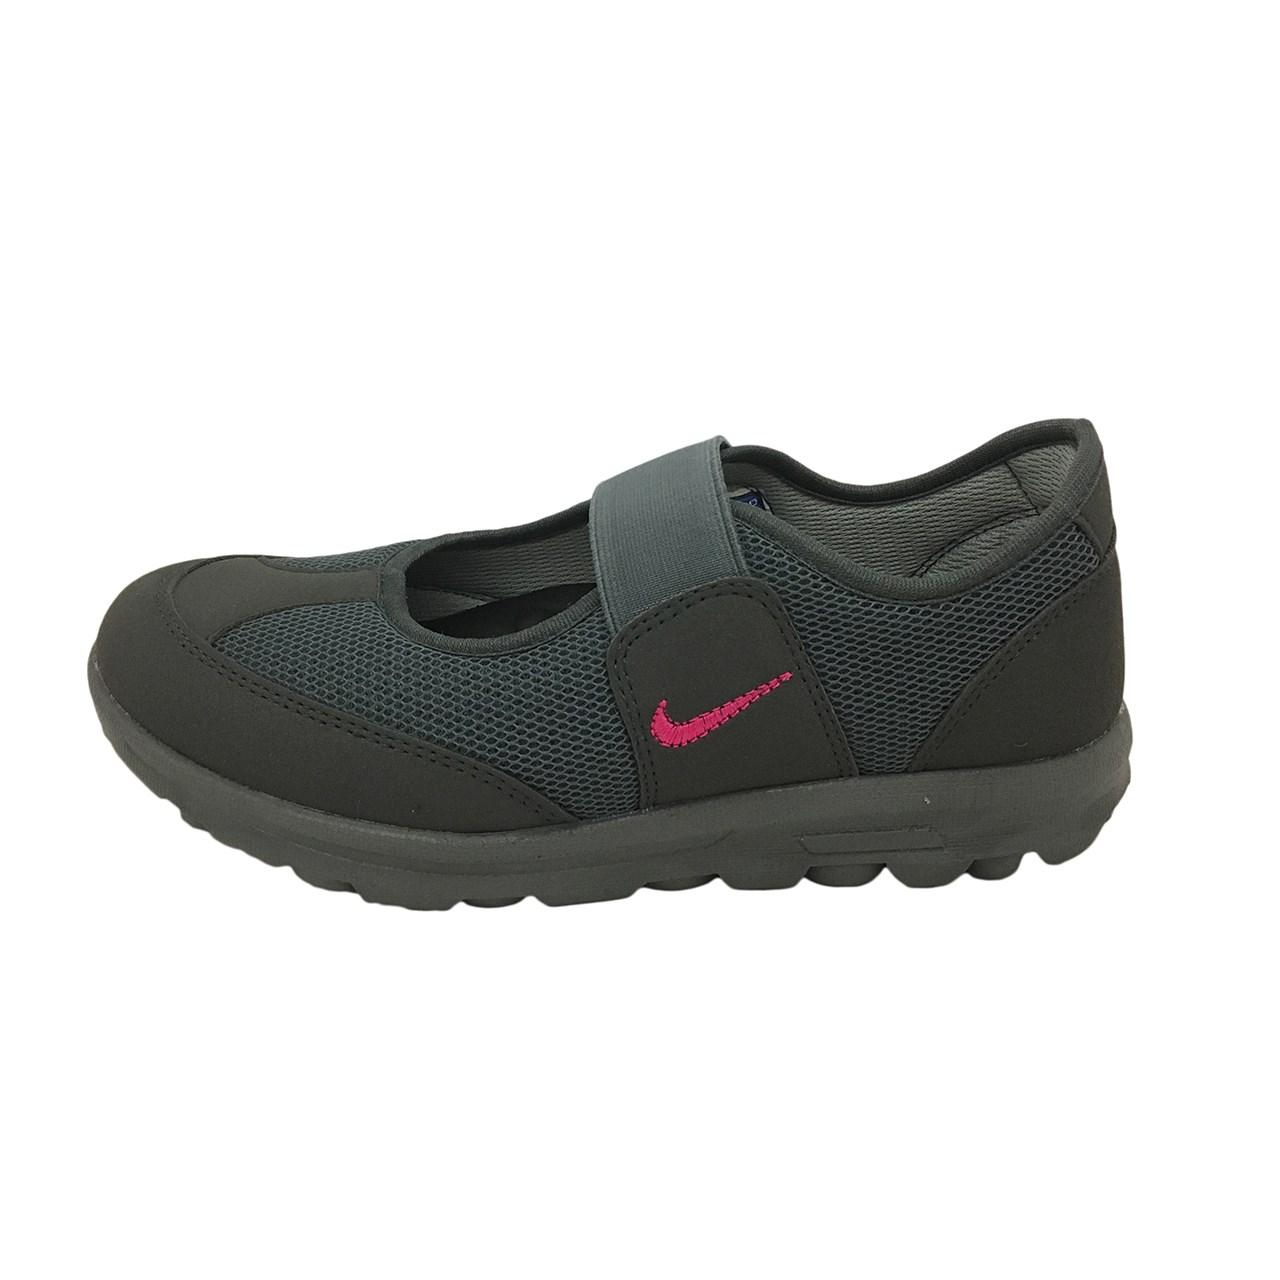 کفش مخصوص پیاده روی زنانه سامر مدل 1178